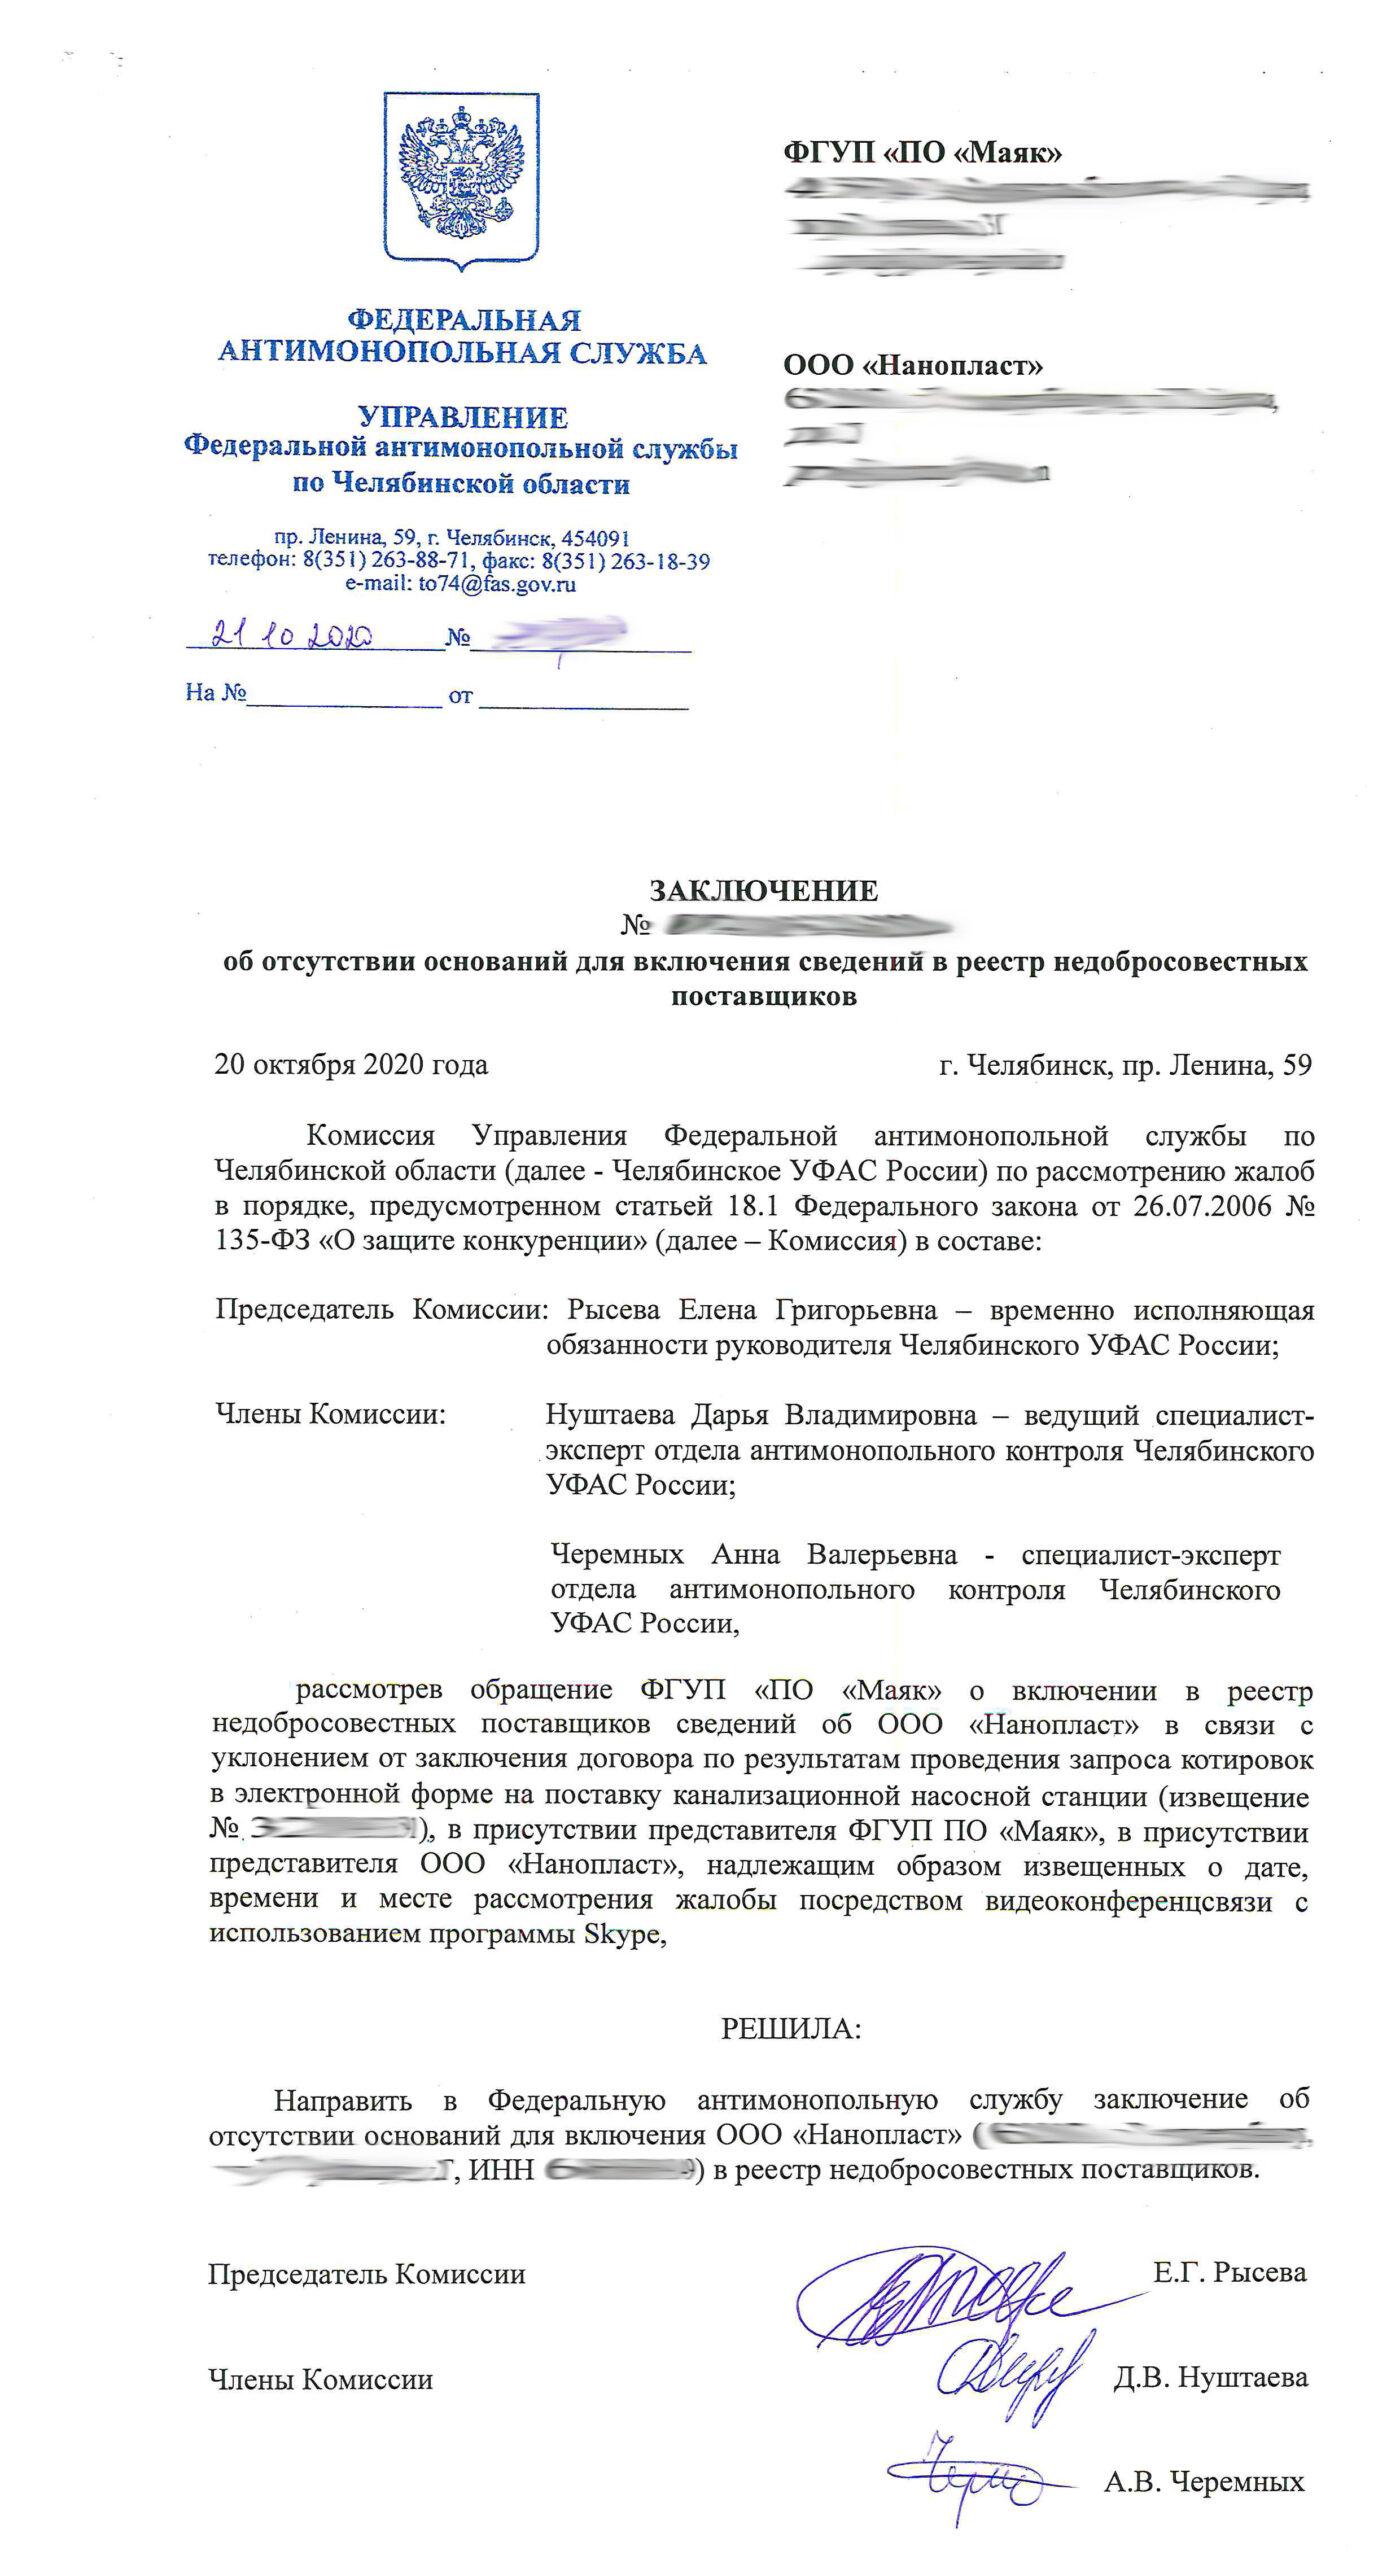 Челябинское УФАС ООО Нанопласт